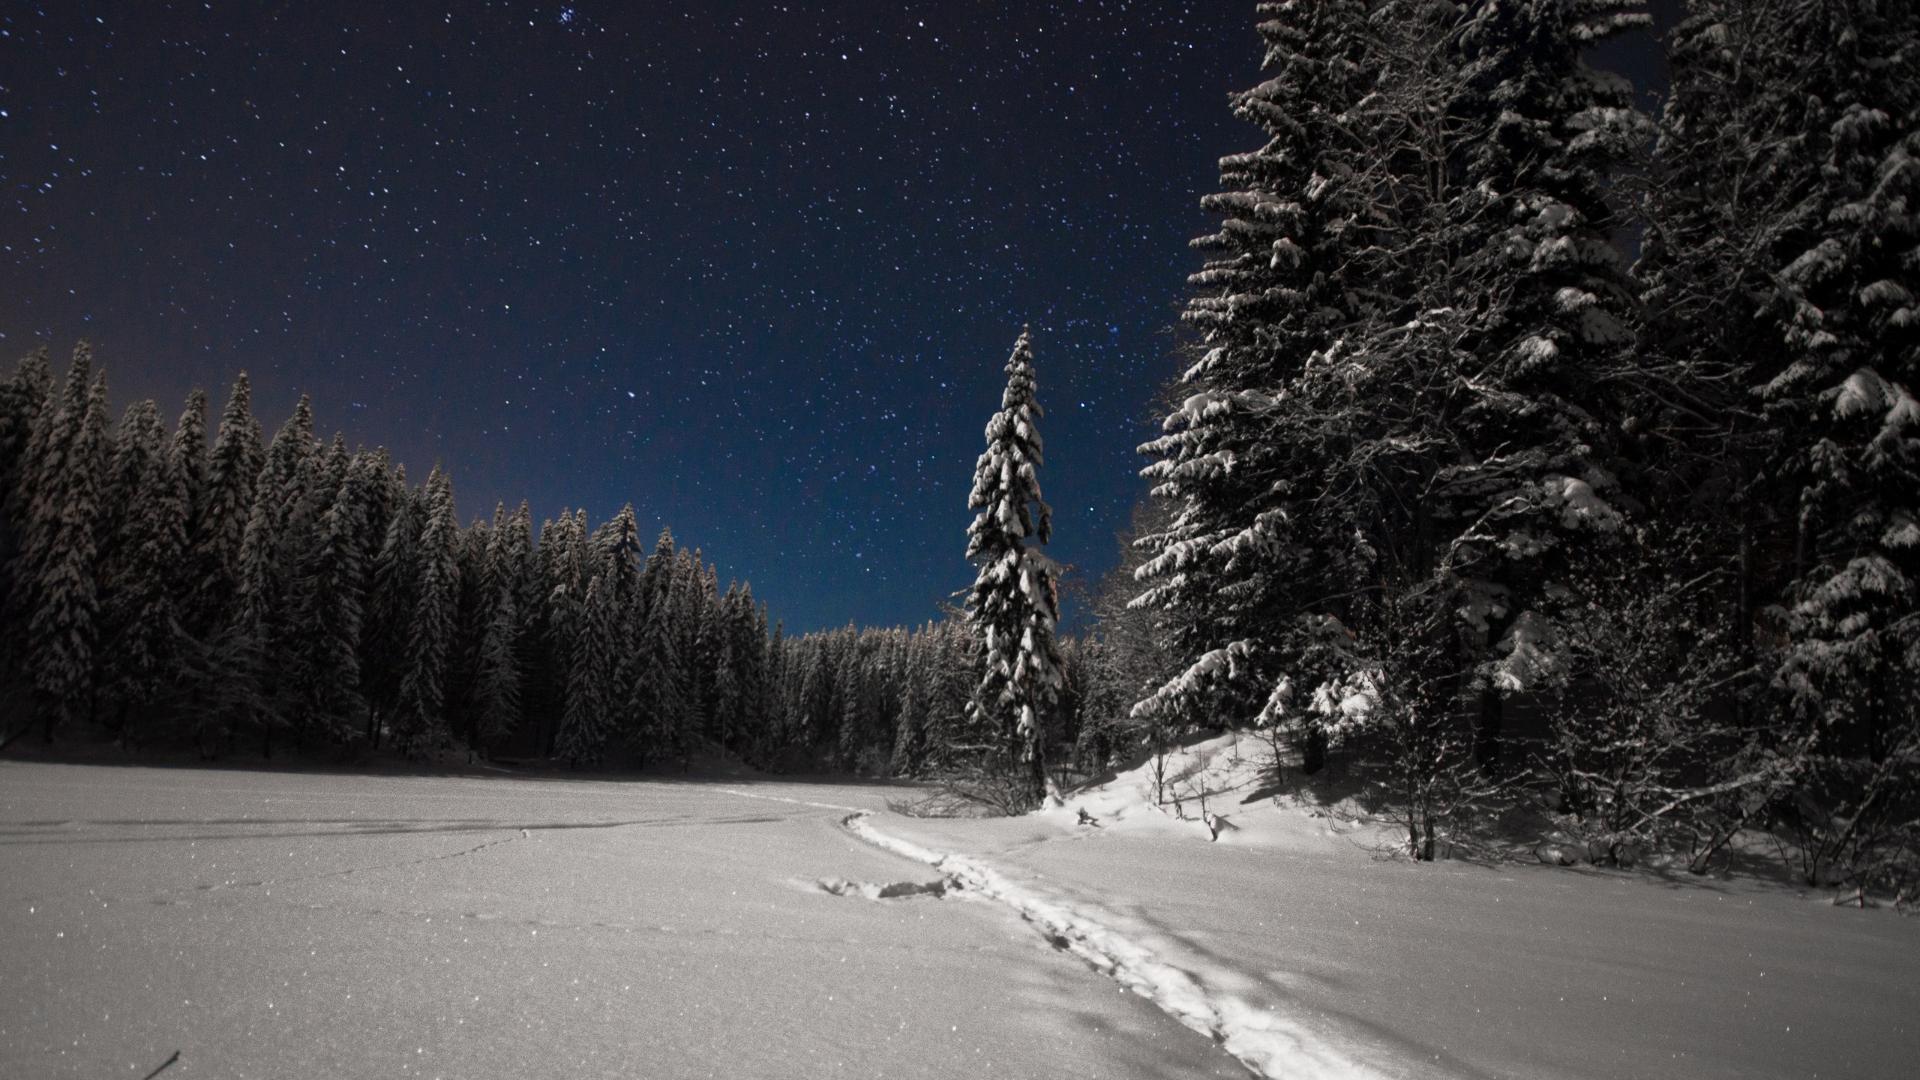 Хижина в лесу монстры картинки делимся вами